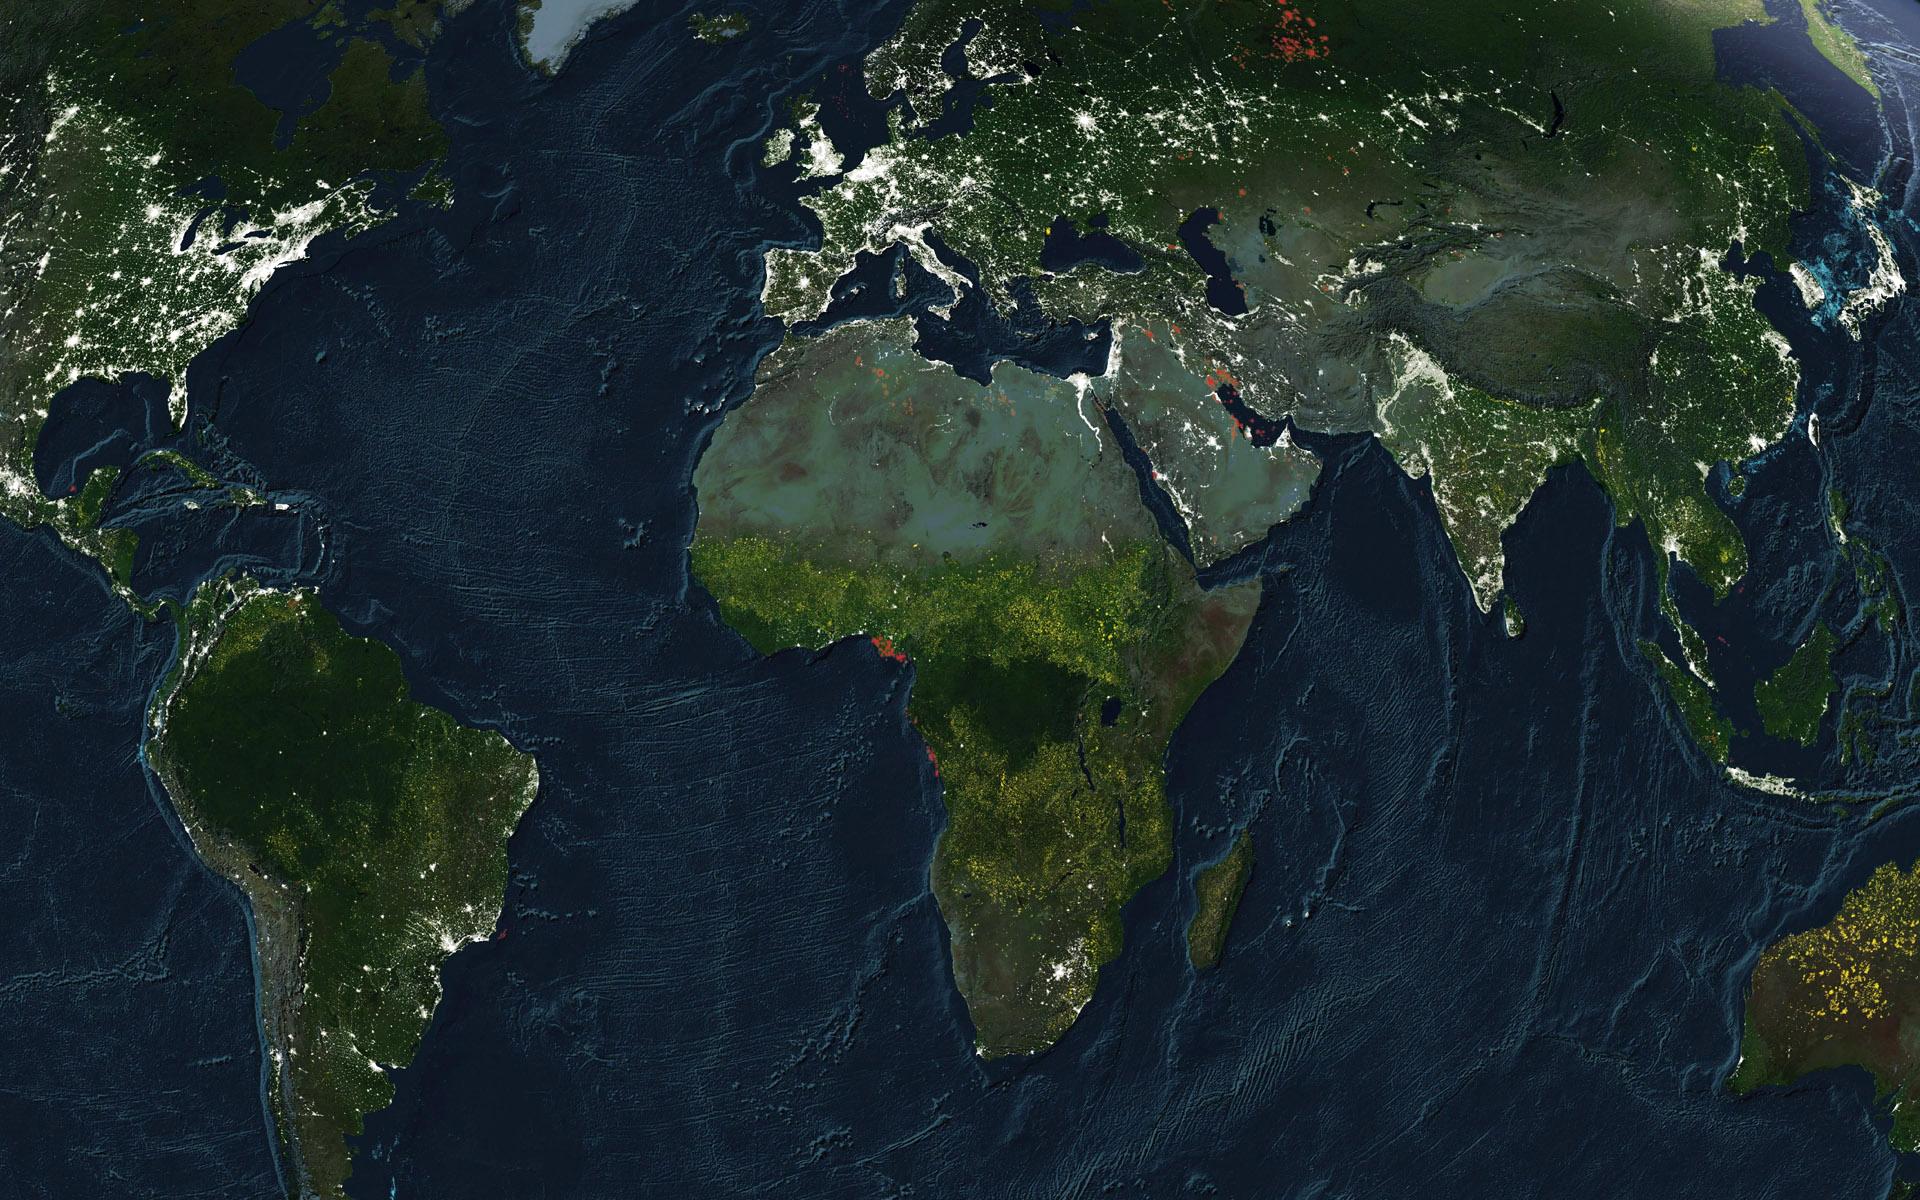 карта мира фото рабочего стола представляет собой